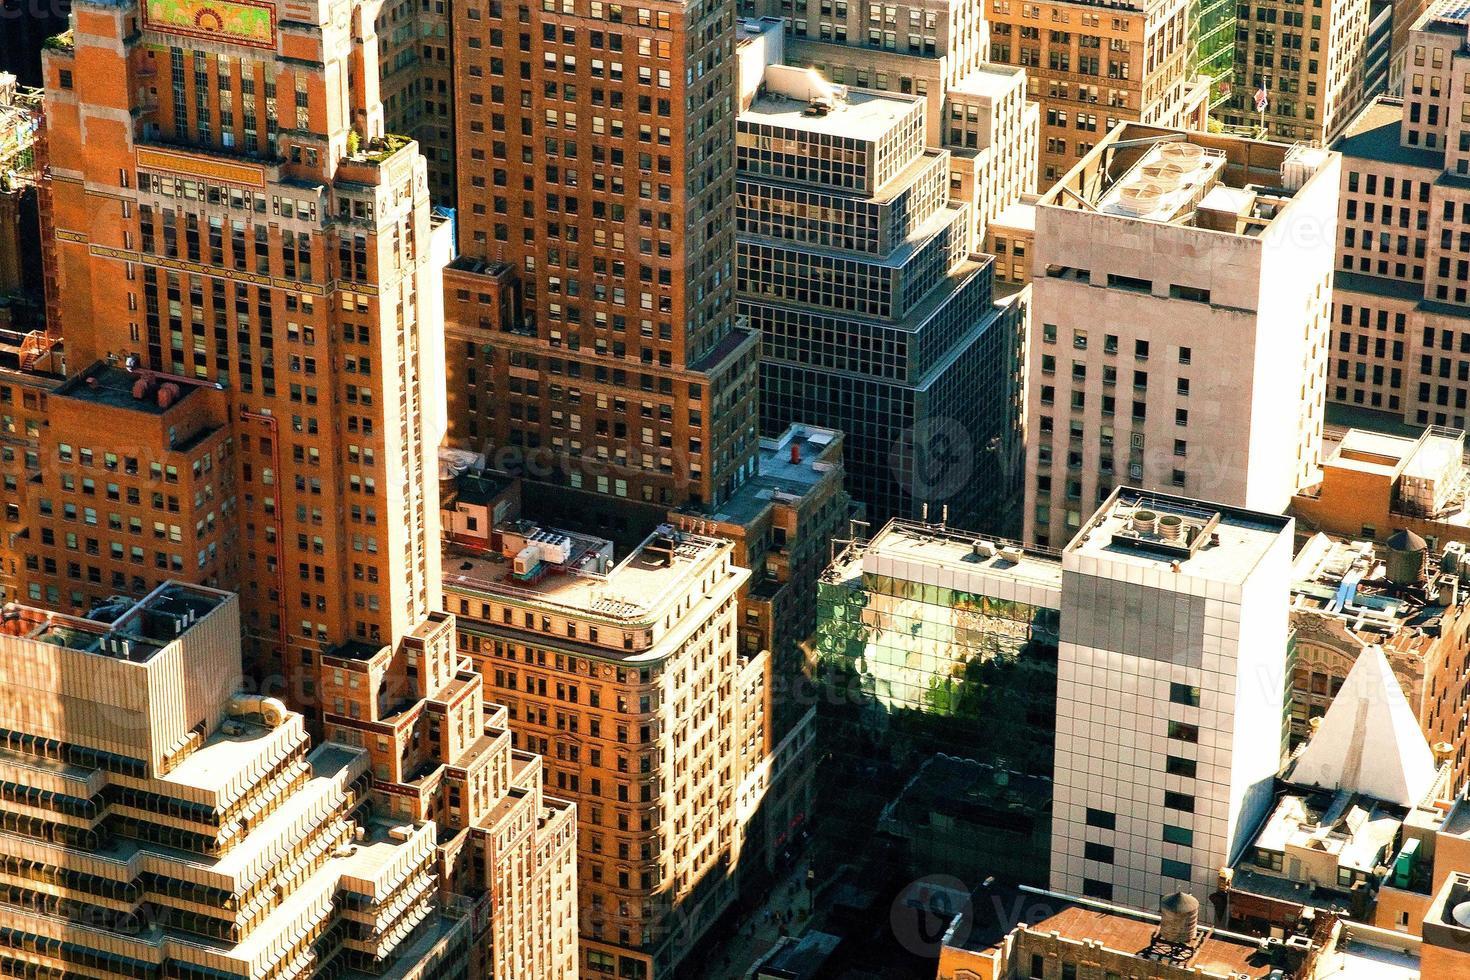 été urbain photo